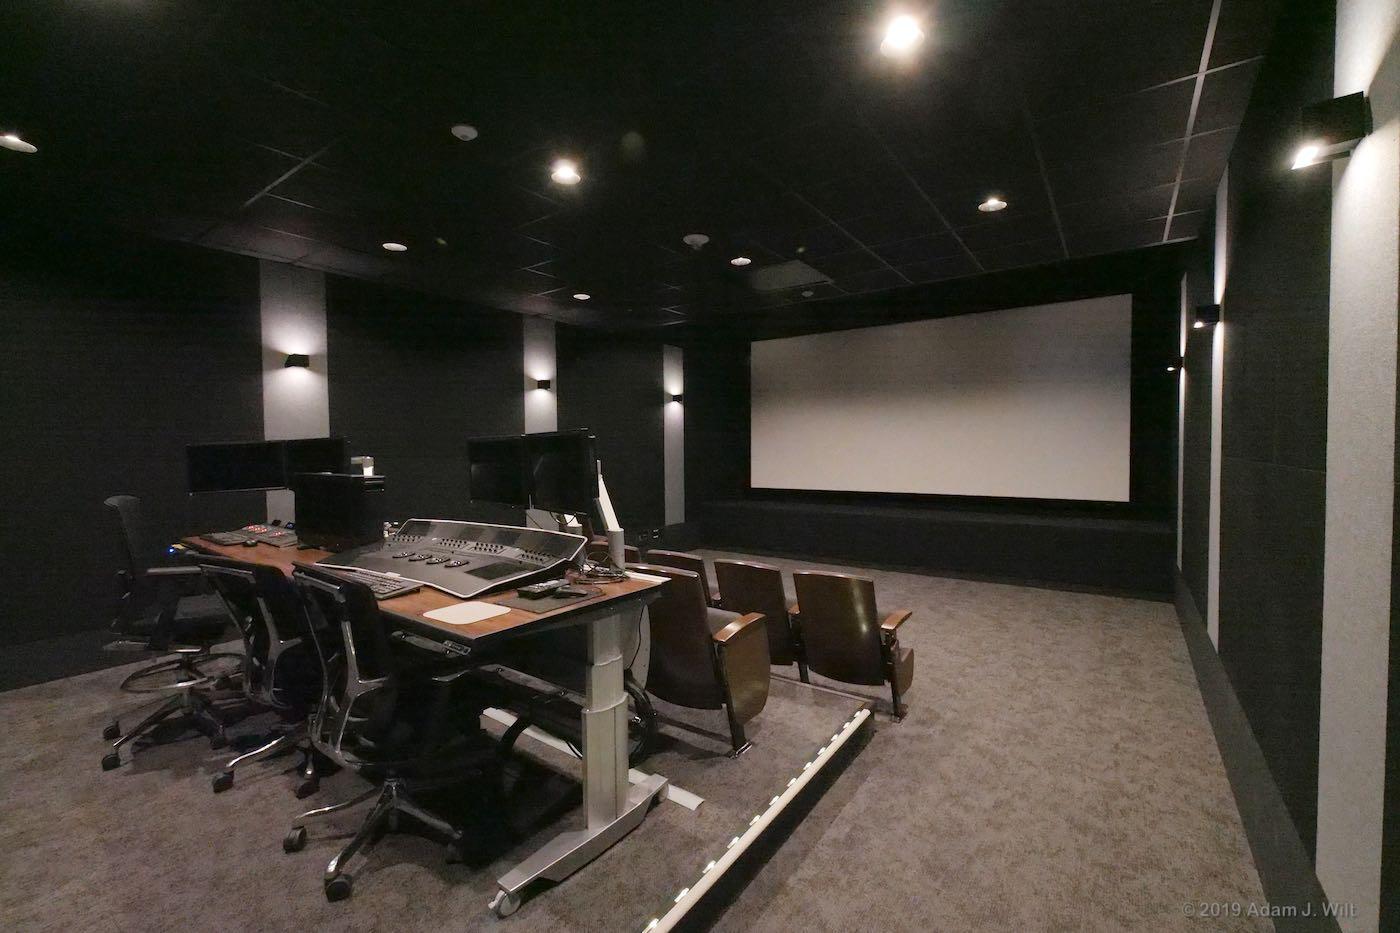 DI grading suite / screening room